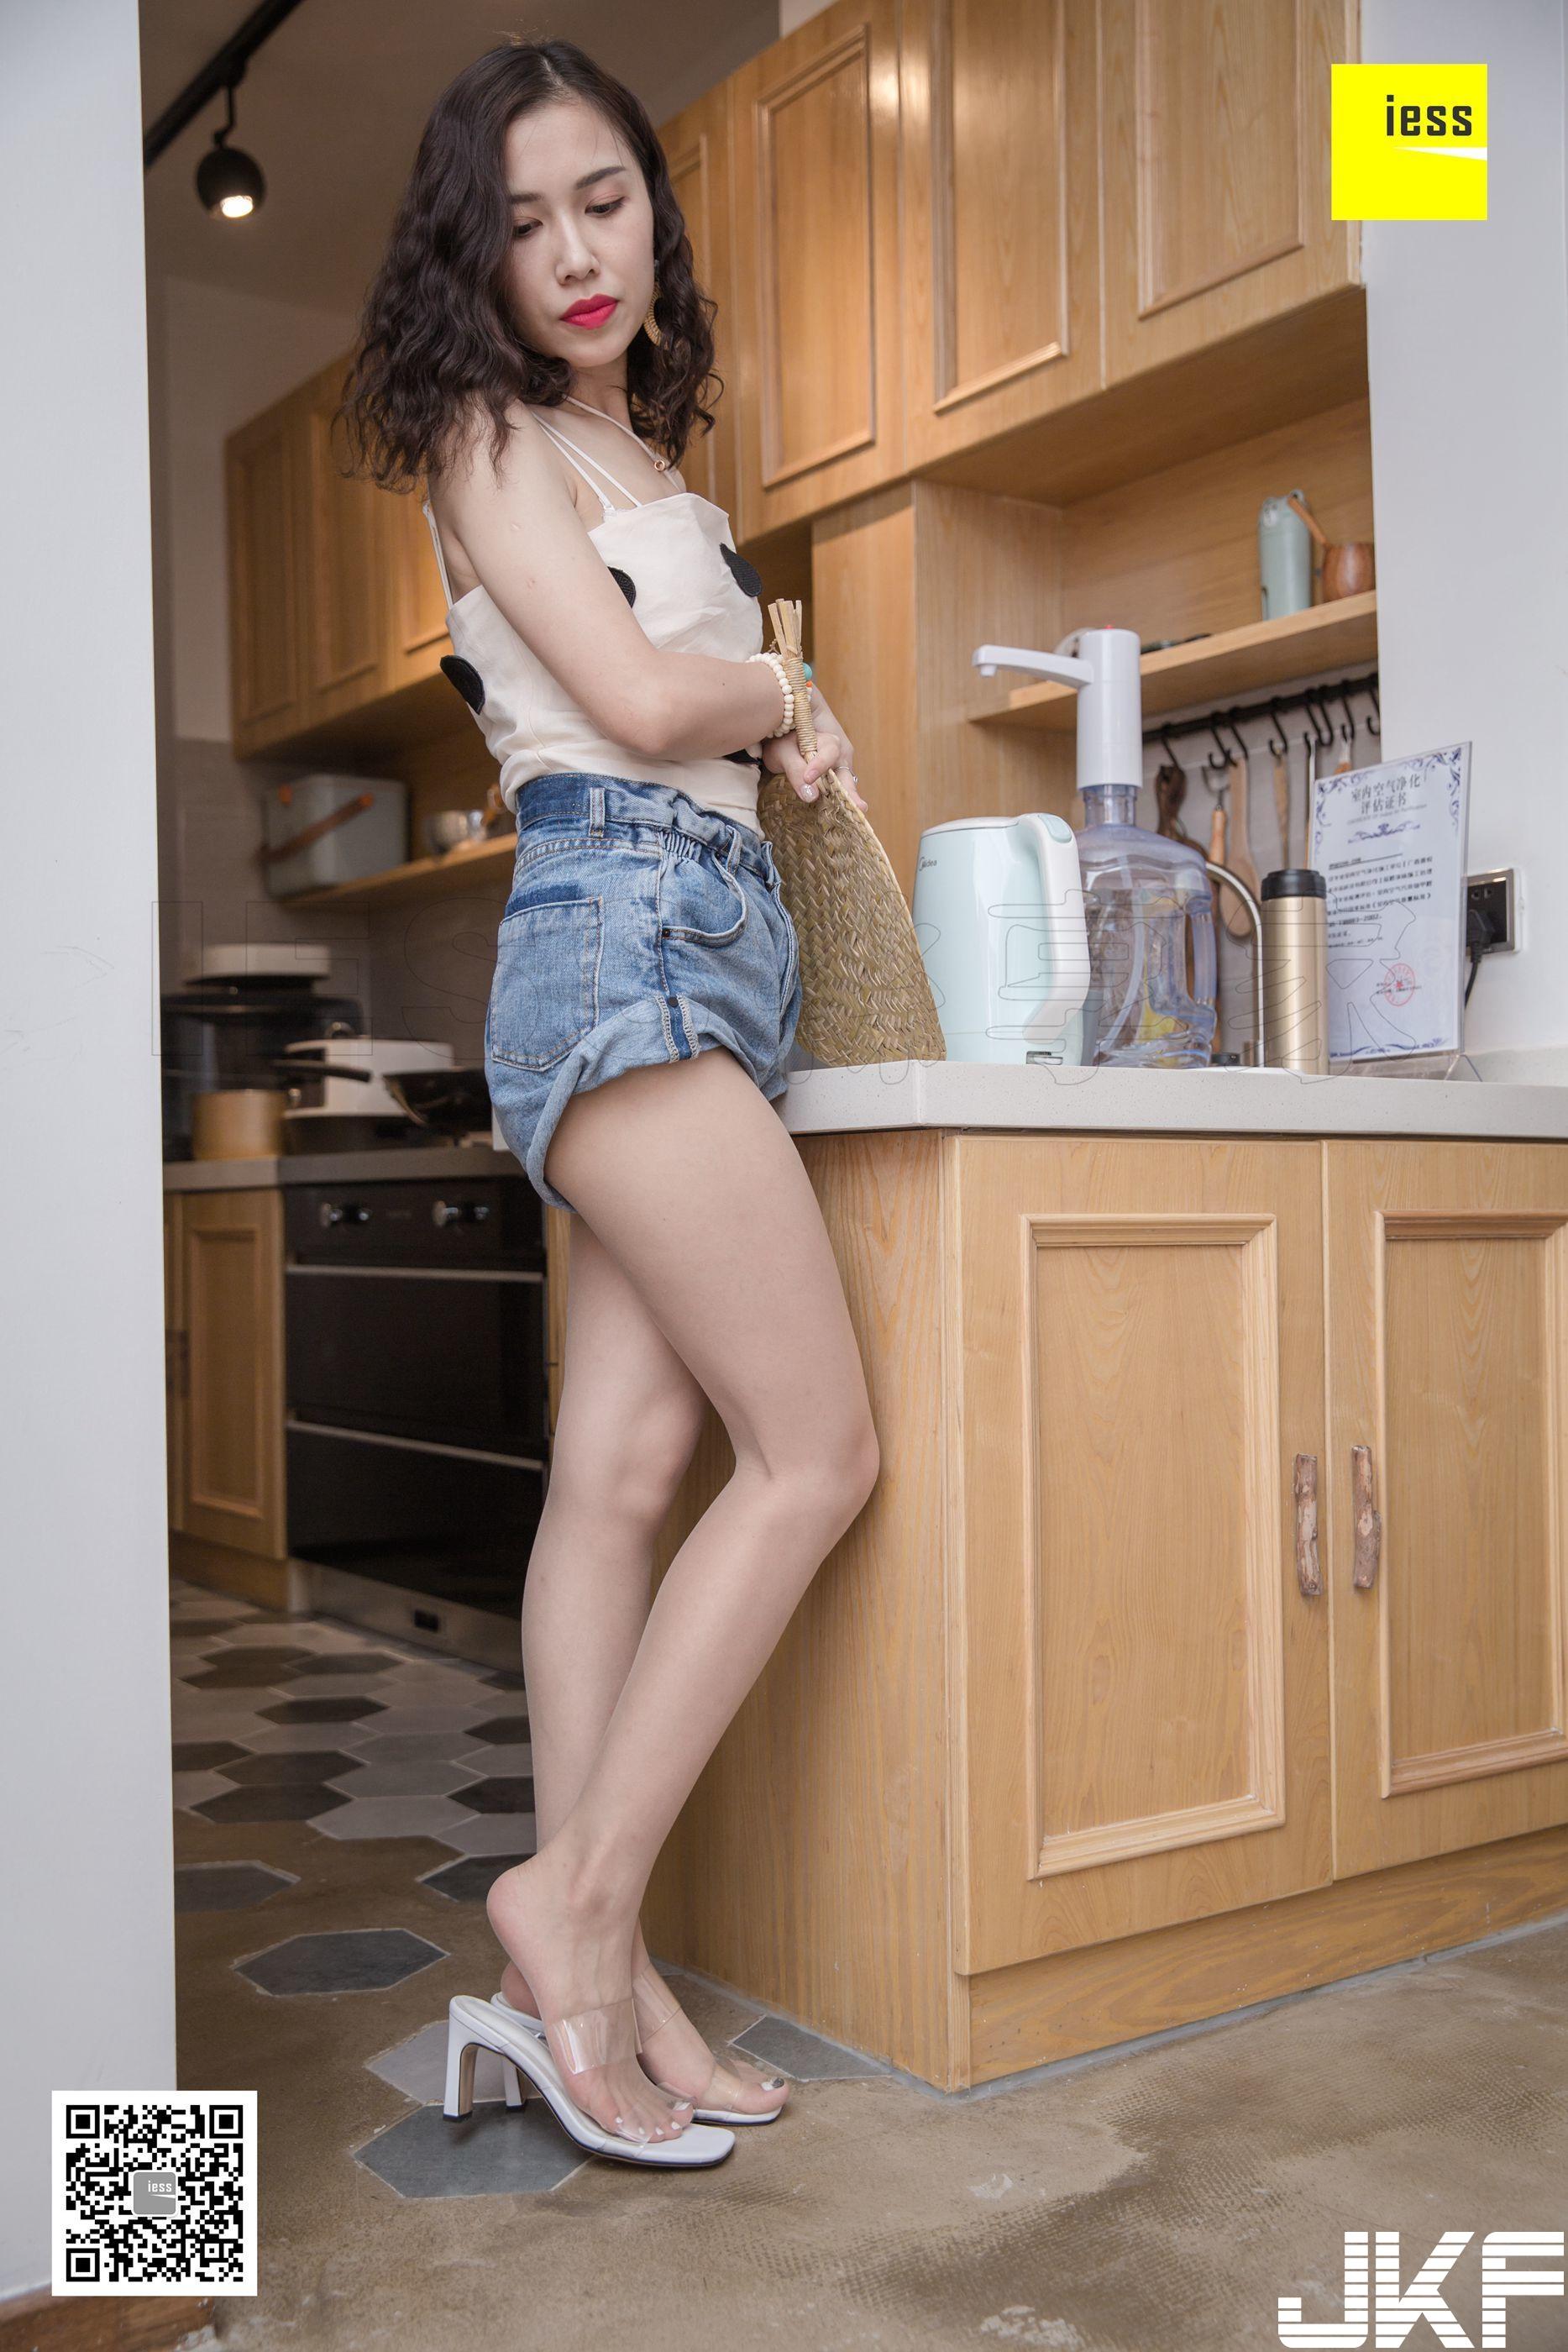 【IESS異思趣向系列】2018.10.24 絲享家344:《辣媽熱褲涼拖》君君【95P】 - 貼圖 - 絲襪美腿 -